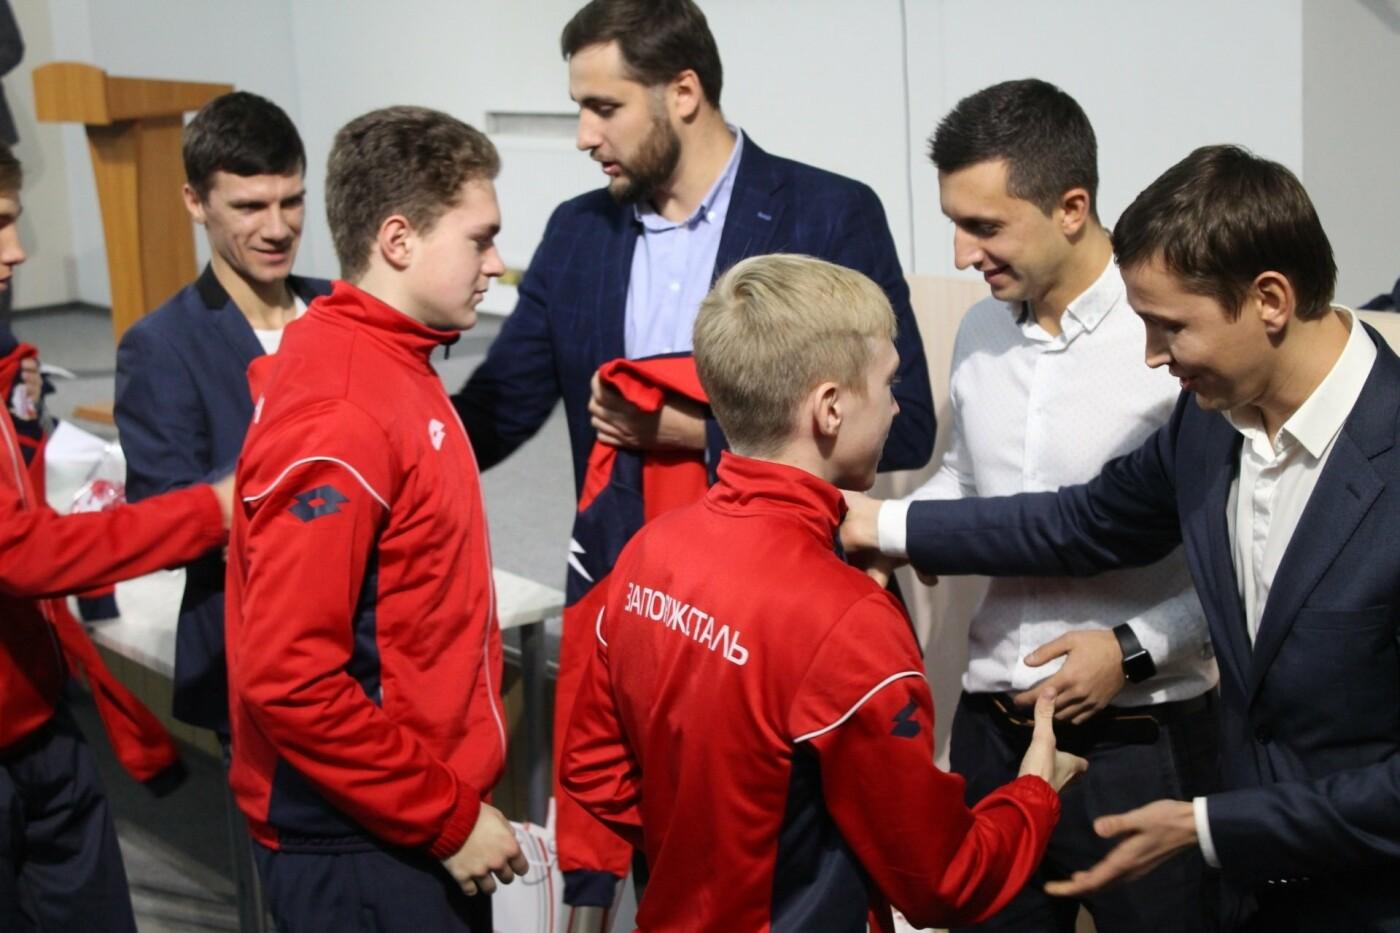 Форму с логотипами «Запорожстали» для запорожских футболистов купили за бюджетные деньги, - ФОТО, фото-1